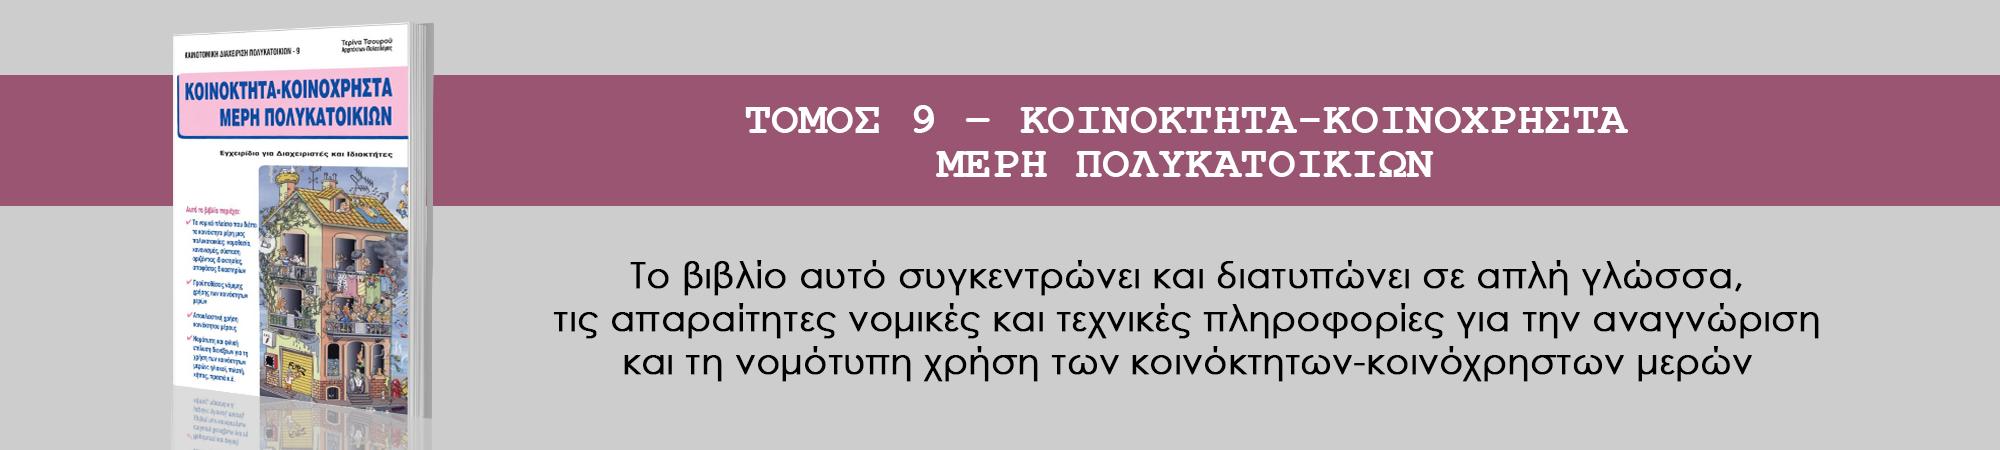 ΚΟΙΝΟΚΤΗΤΑ-τομος 9